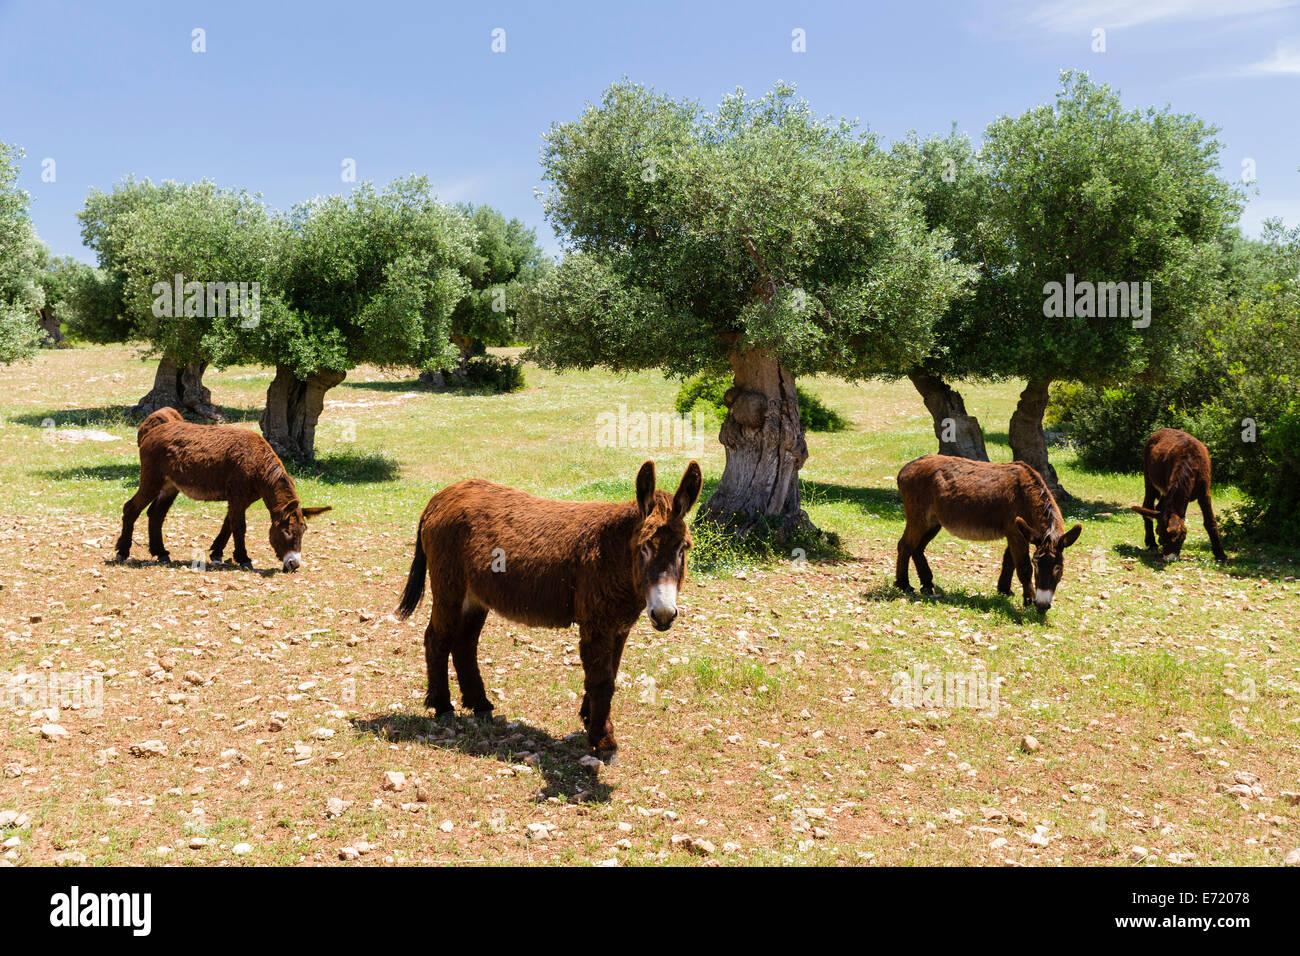 Donkeys of the Martina Franca breed, Martina Franca, Valle d'Itria, Apulia, Italy - Stock Image